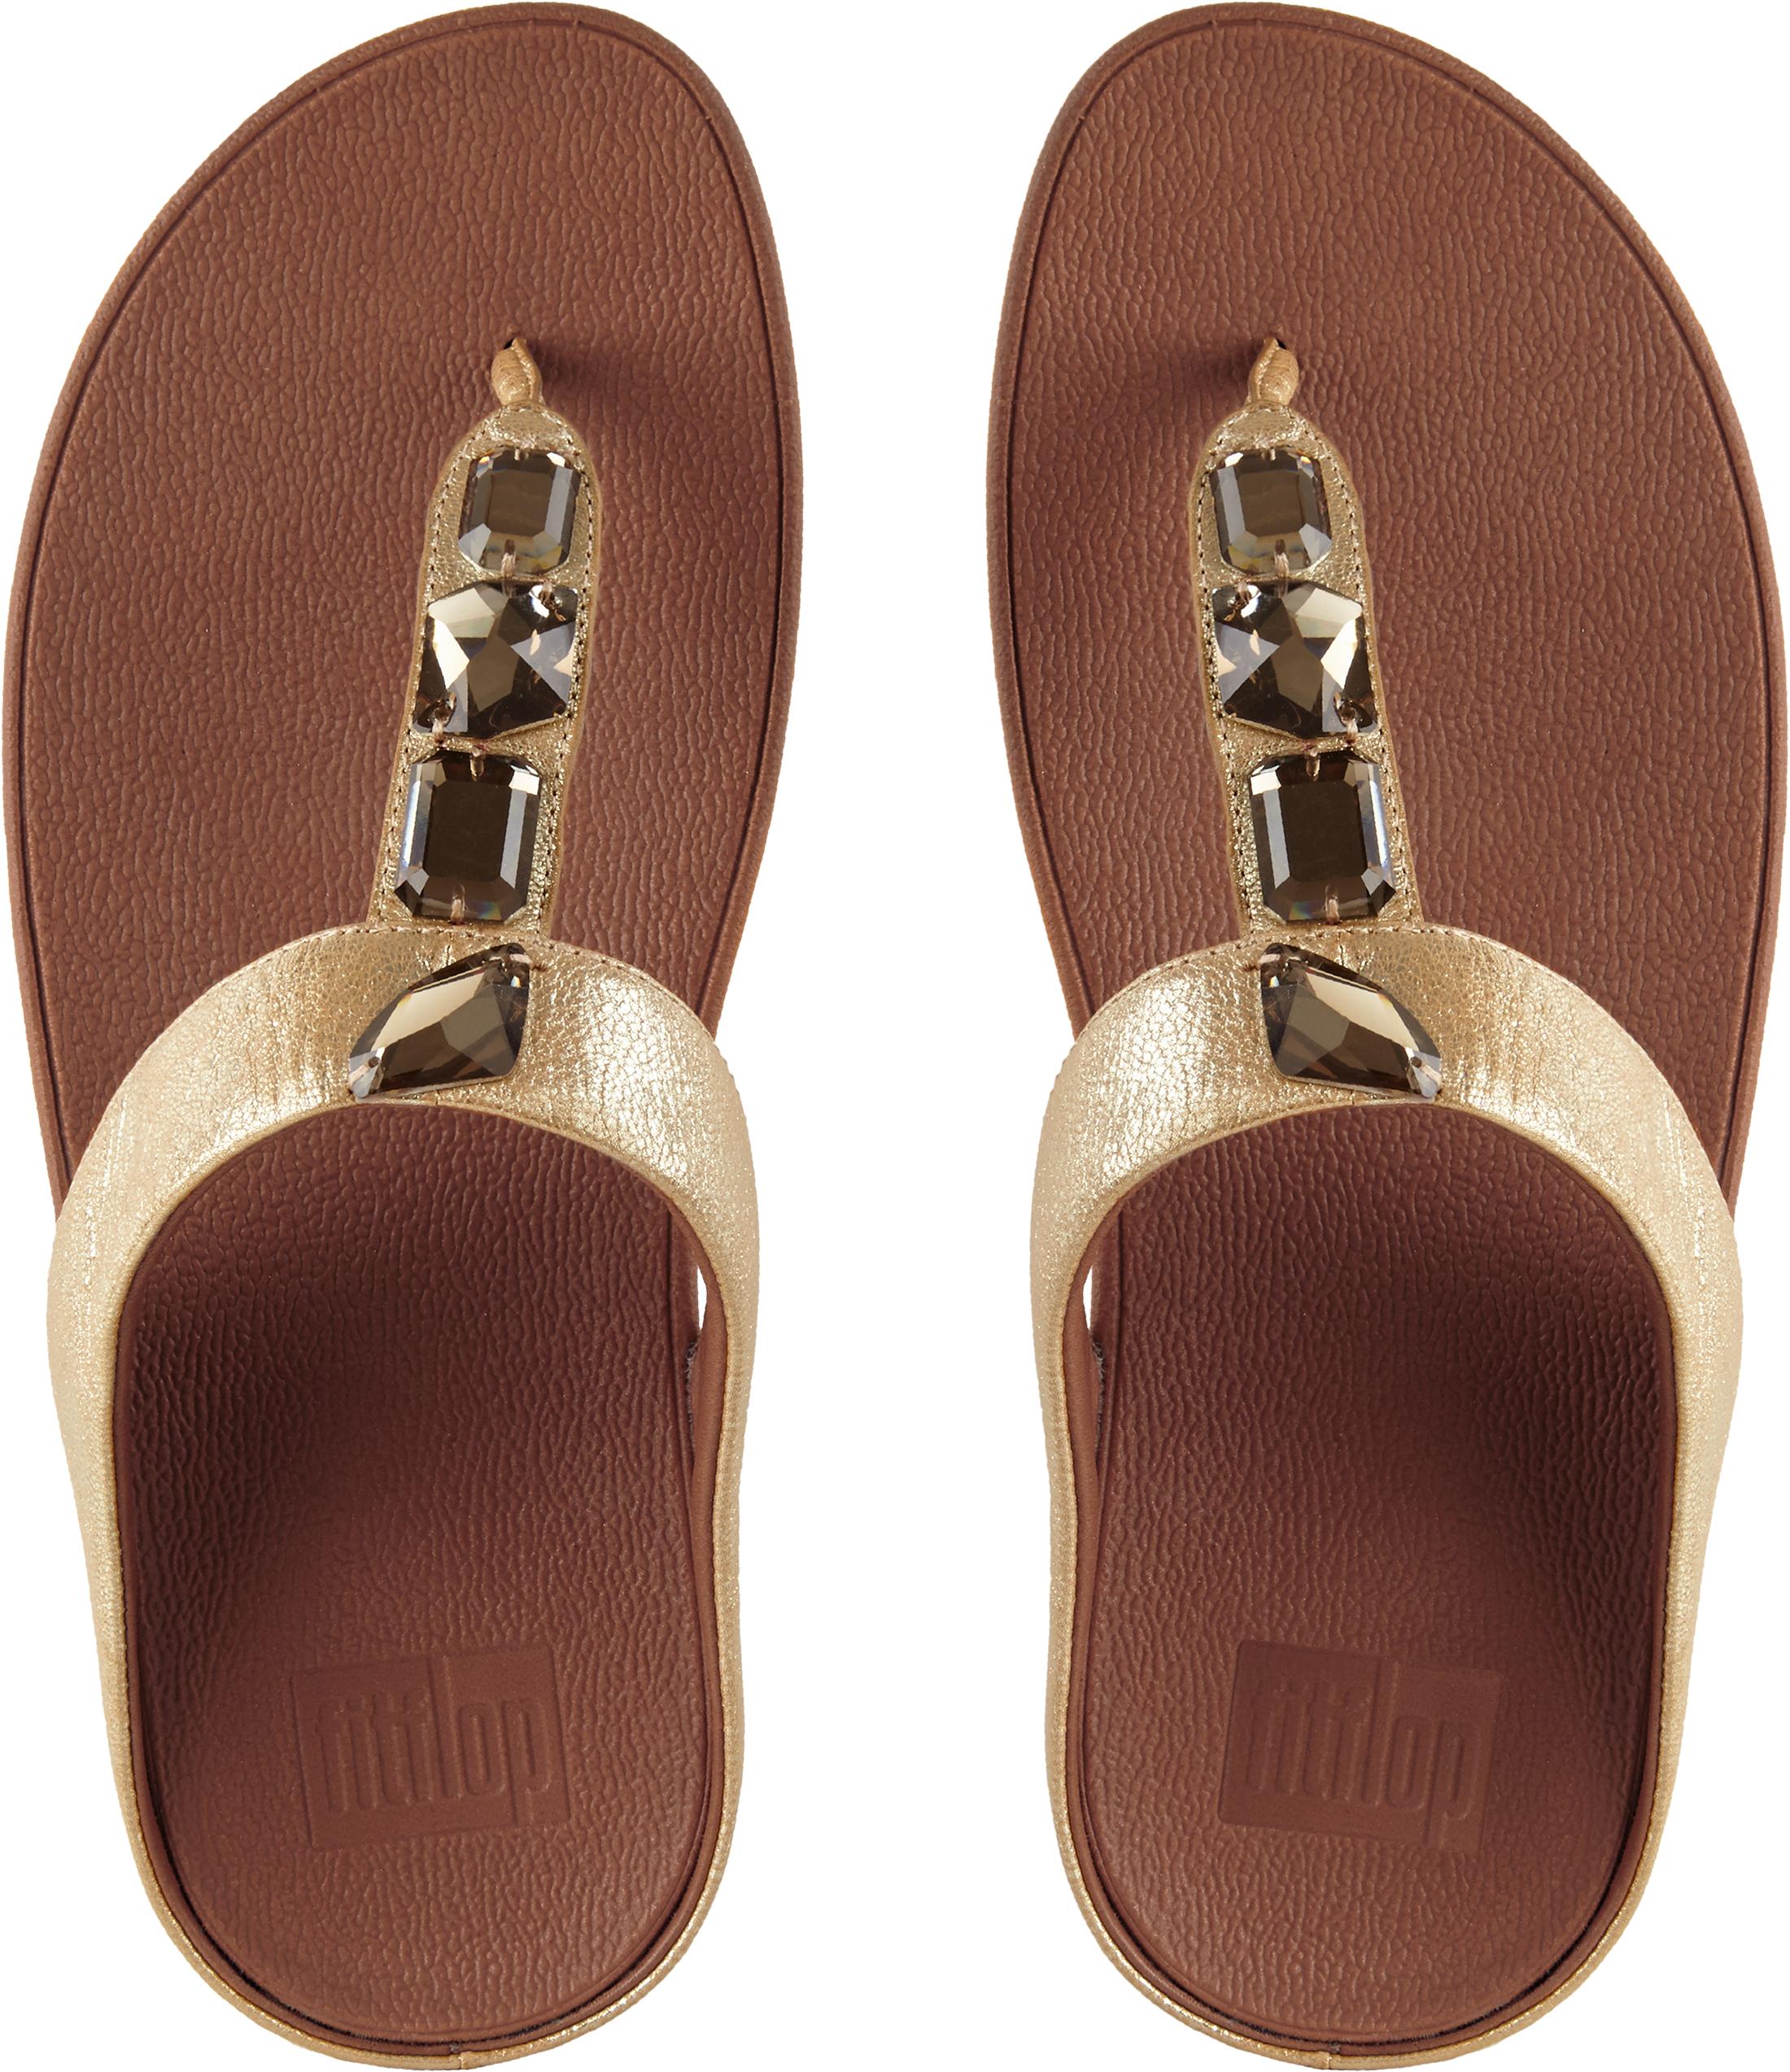 e95517e575b2d FitFlop Women s Roka Toe-thong Sandals JEWEL Embellished Uk6 Gold ...